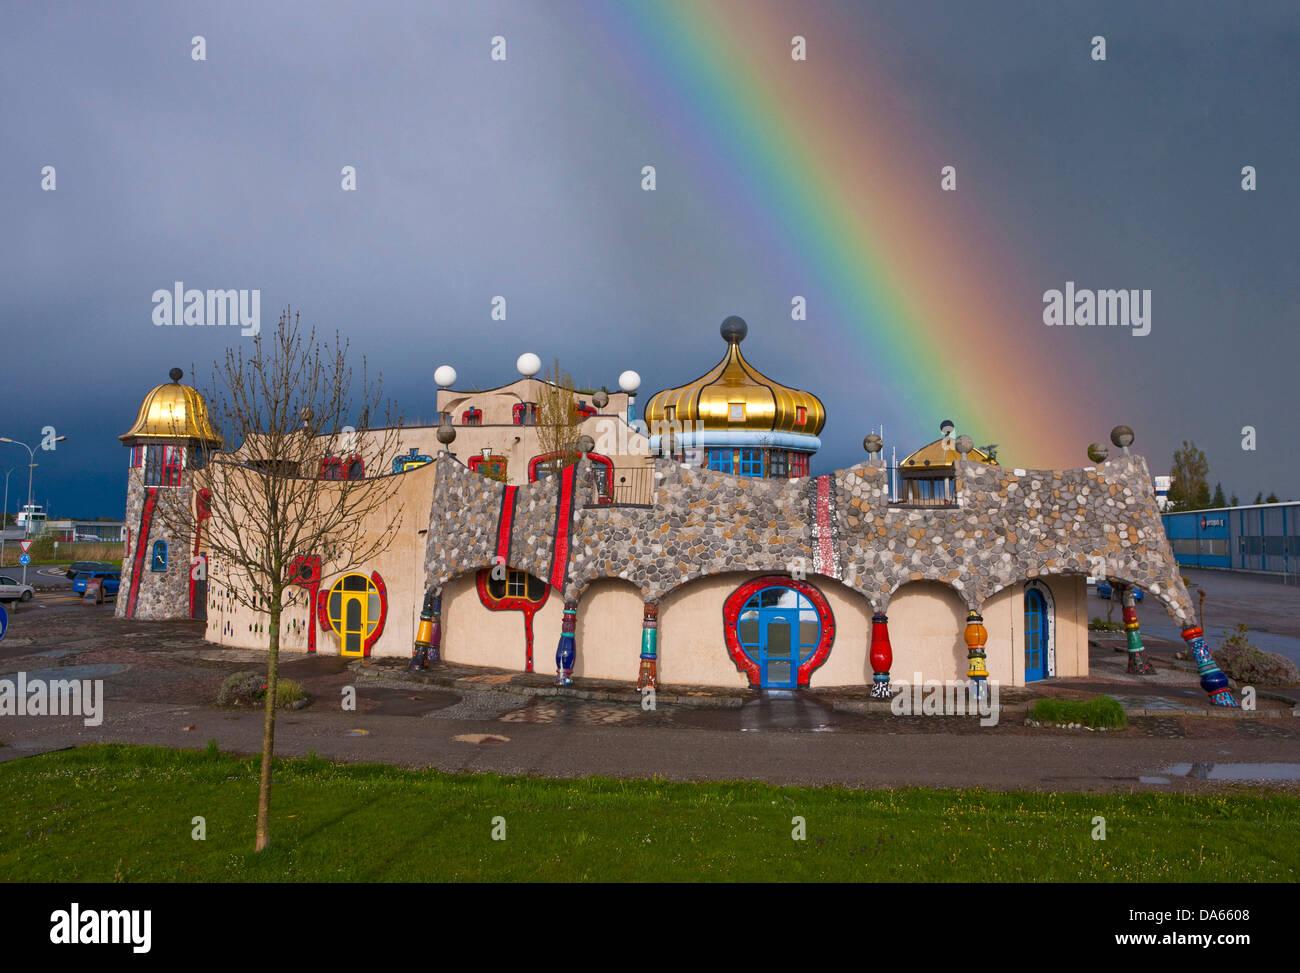 Hundertwasser, covered market, architecture, culture, canton, SG, St. Gallen, Switzerland, Europe, Altenrhein - Stock Image